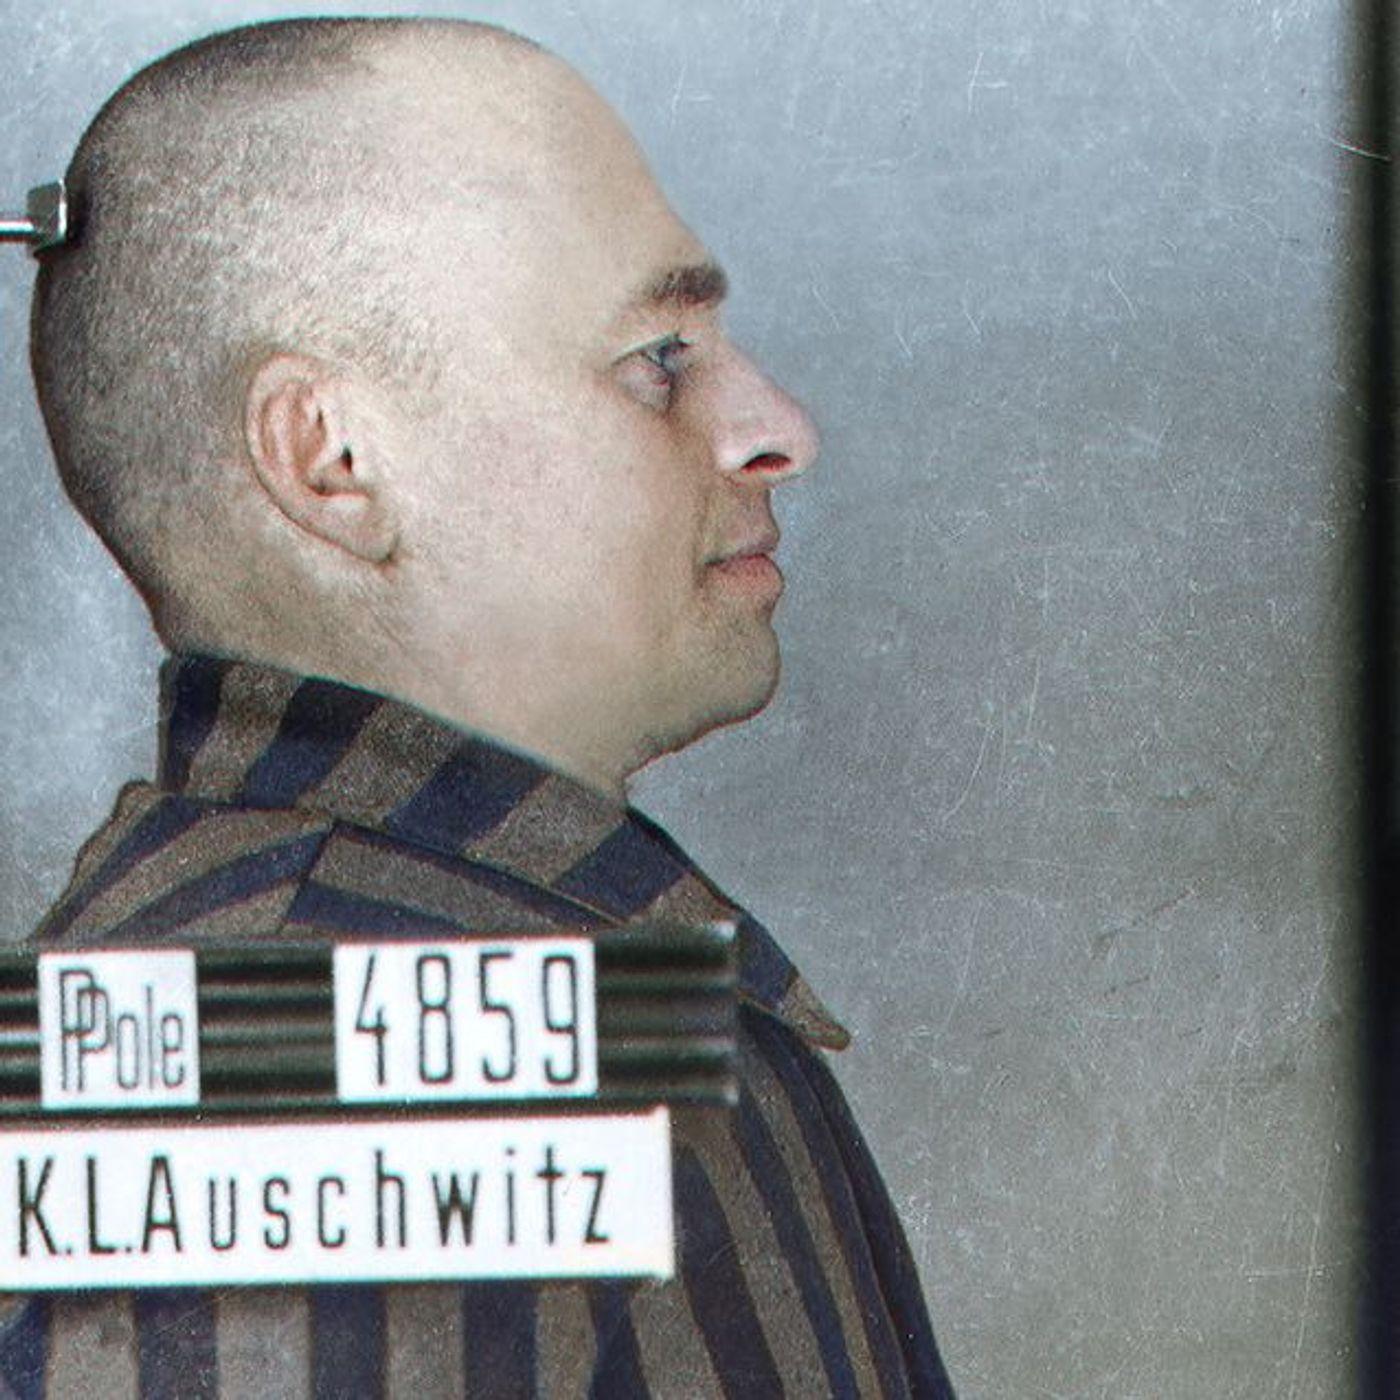 Az ellenálló, aki bejutott Auschwitzba - E23